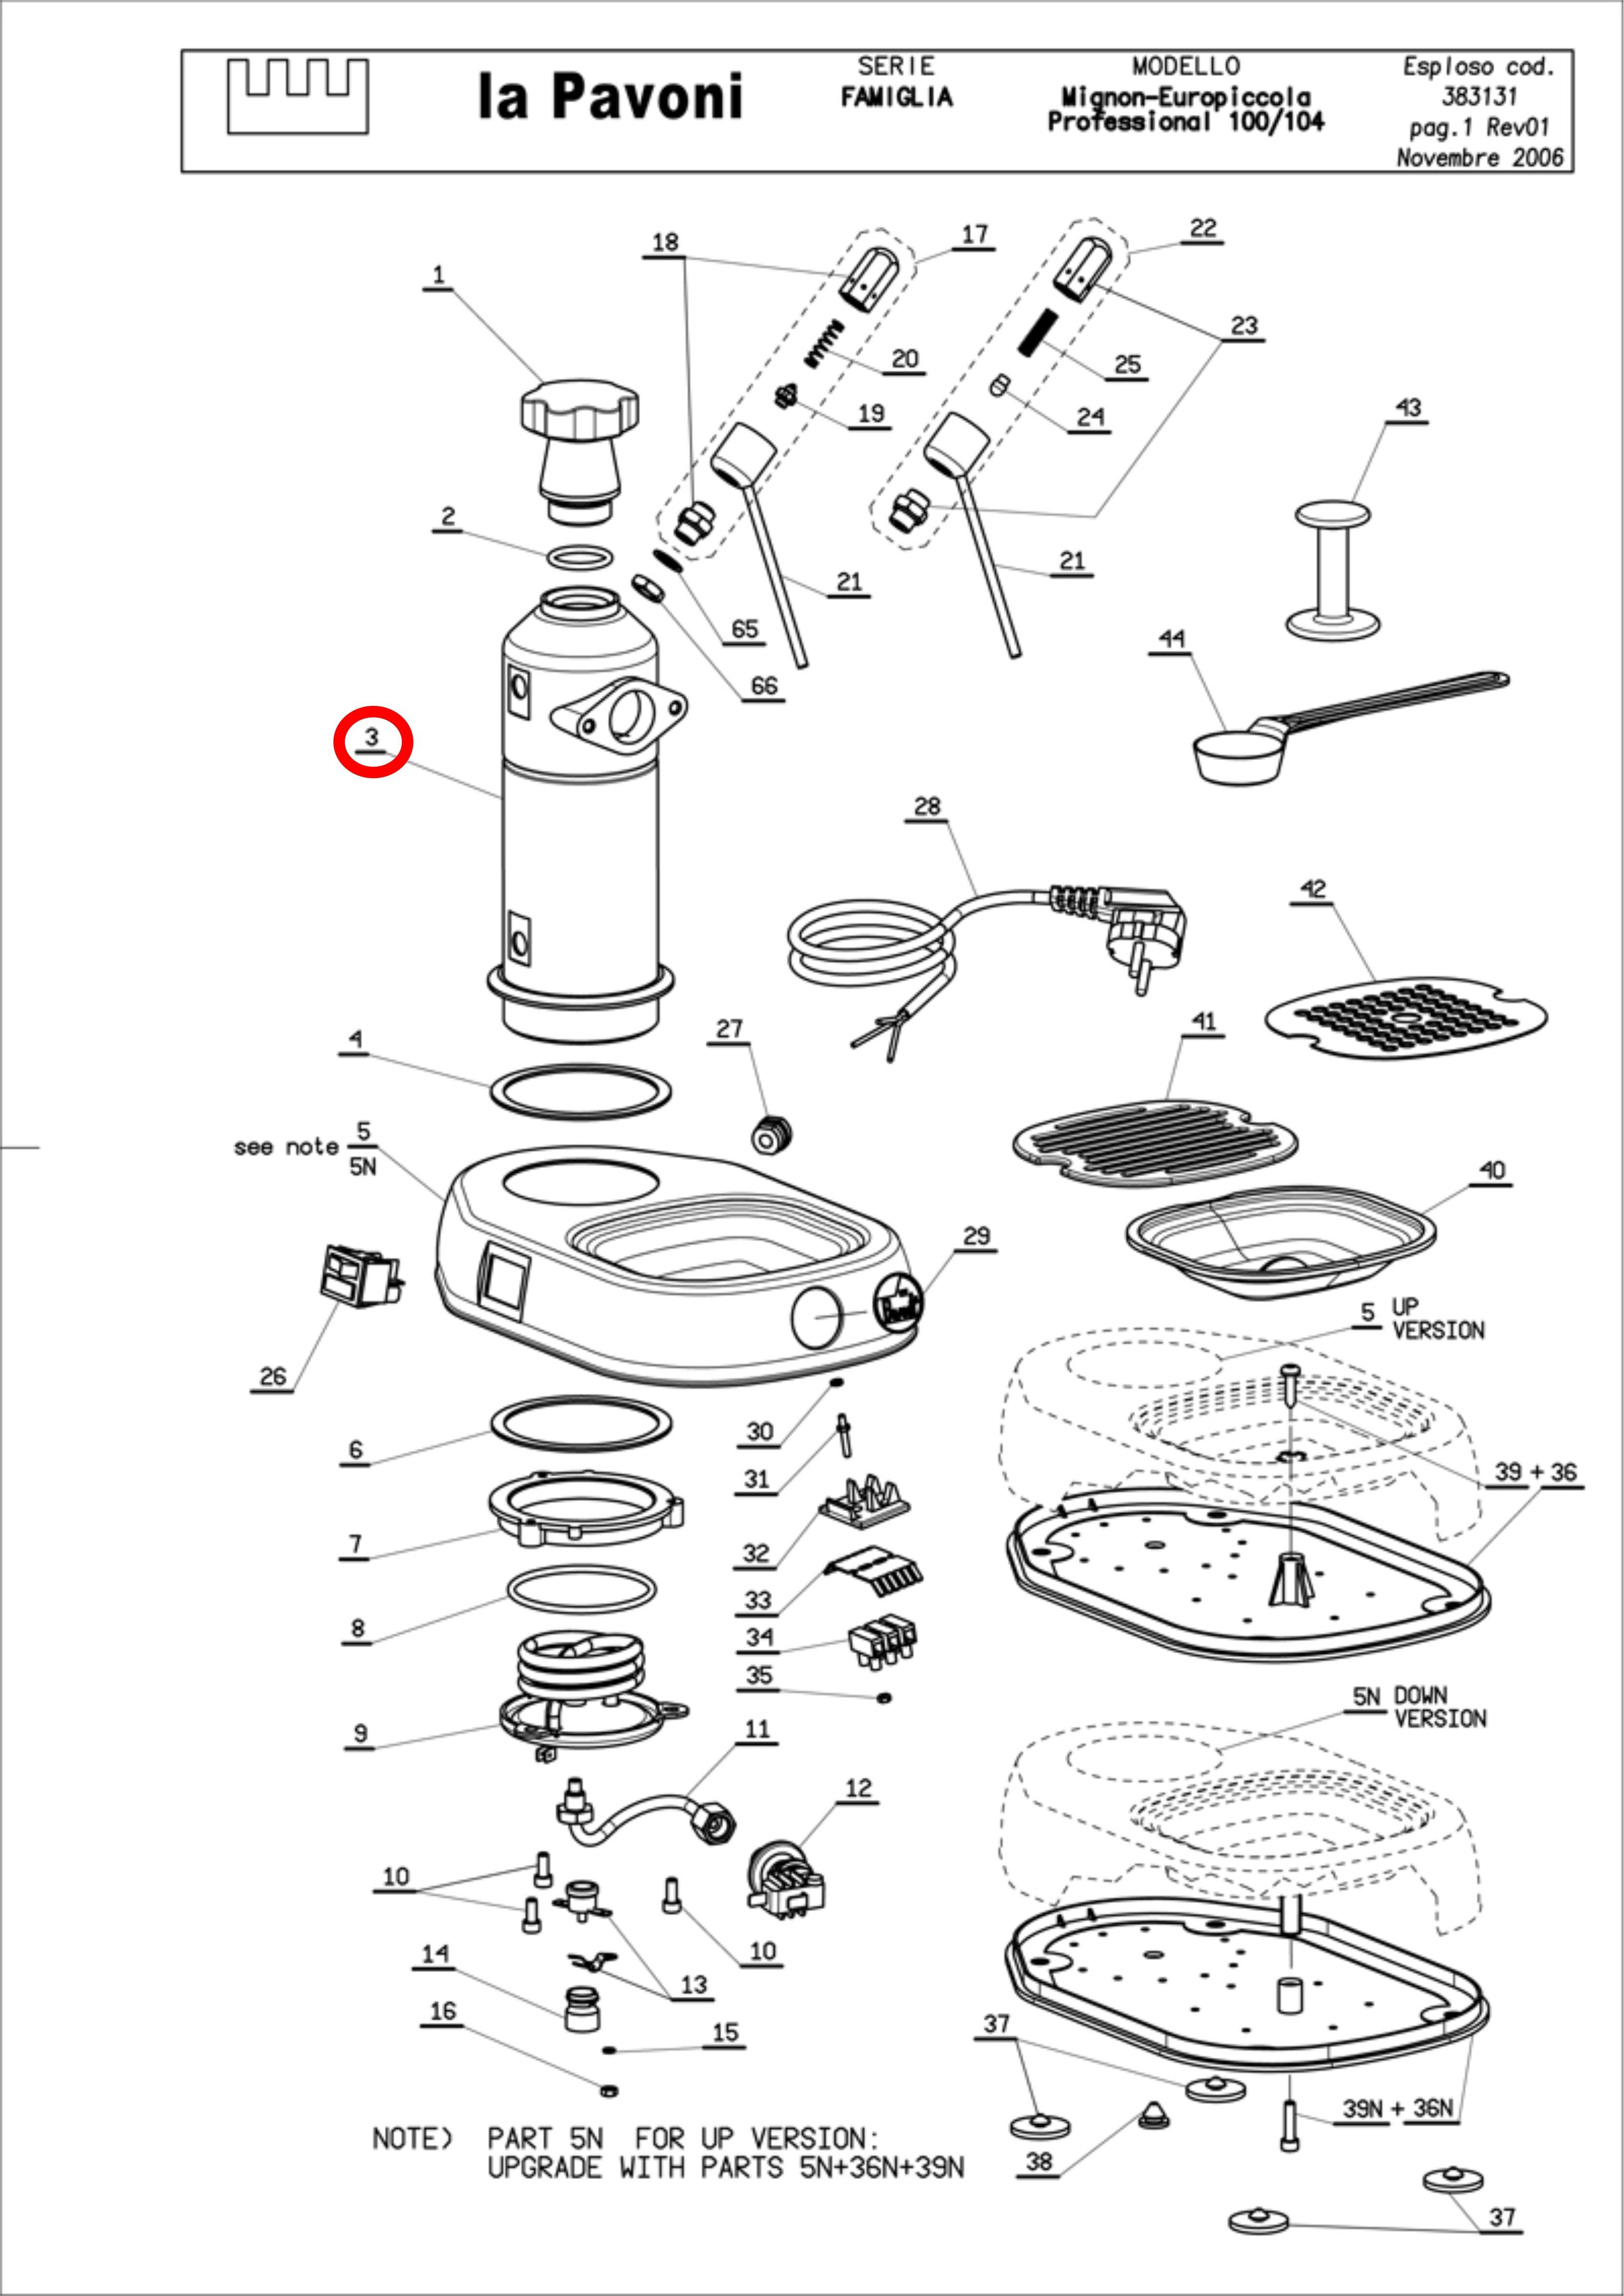 Pavoni Reparatur / Repair & Spare parts shipping / Ersatzteil ...